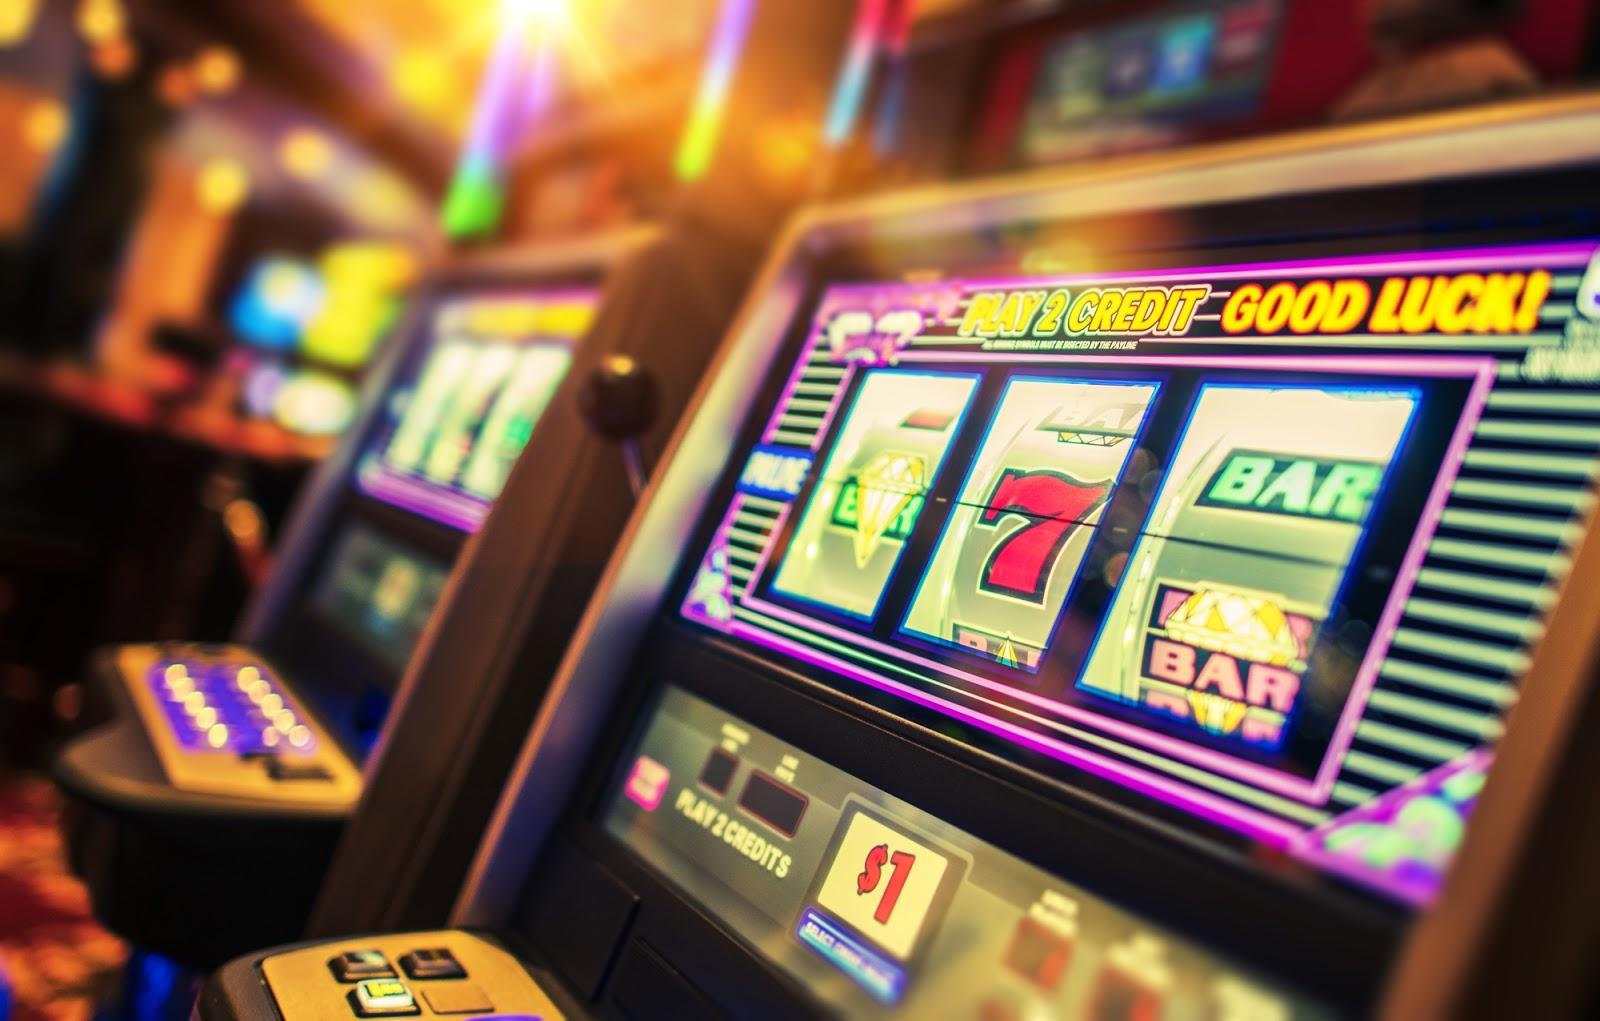 Pin Up Online bonuslar və promosyonlari